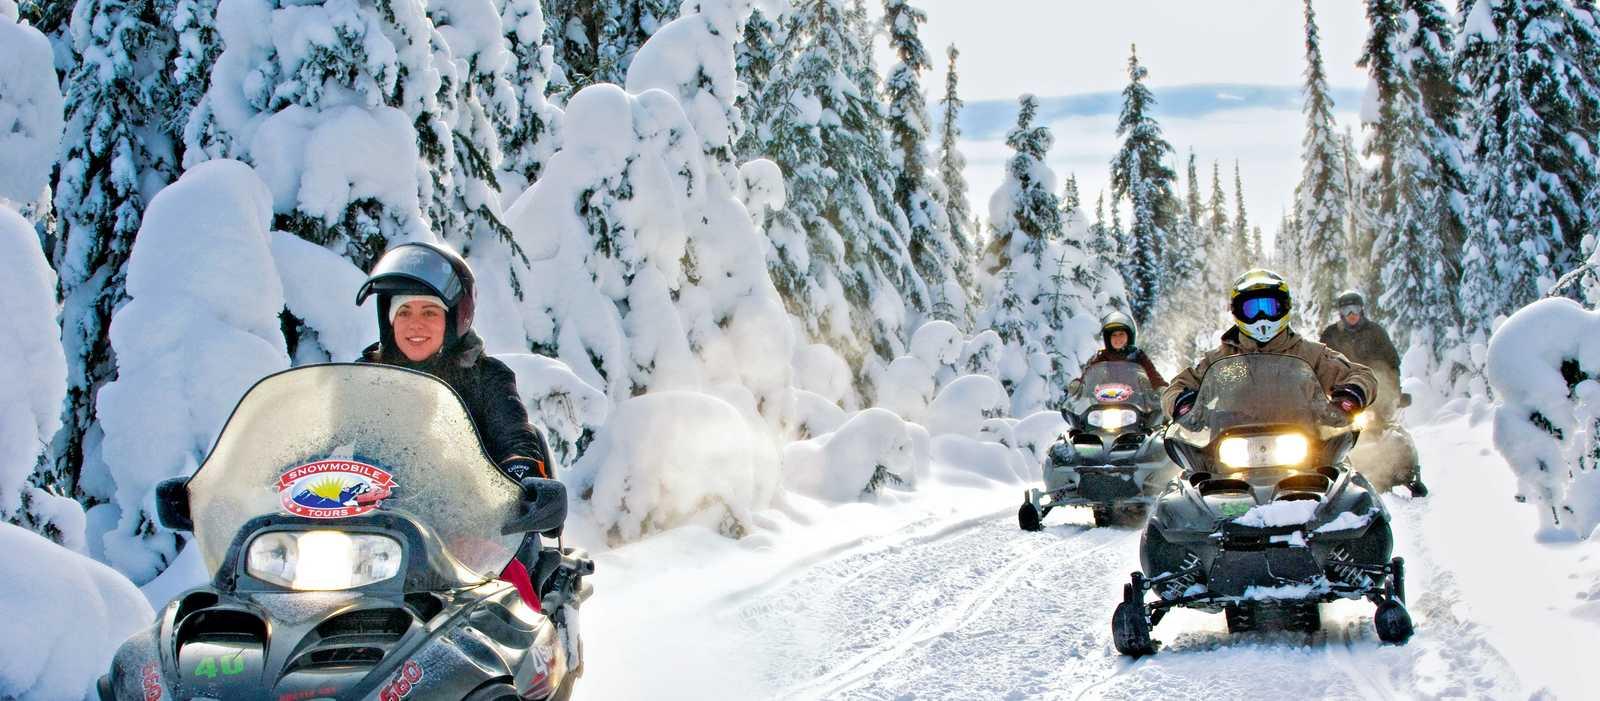 Unterwegs mit Schneemobilen